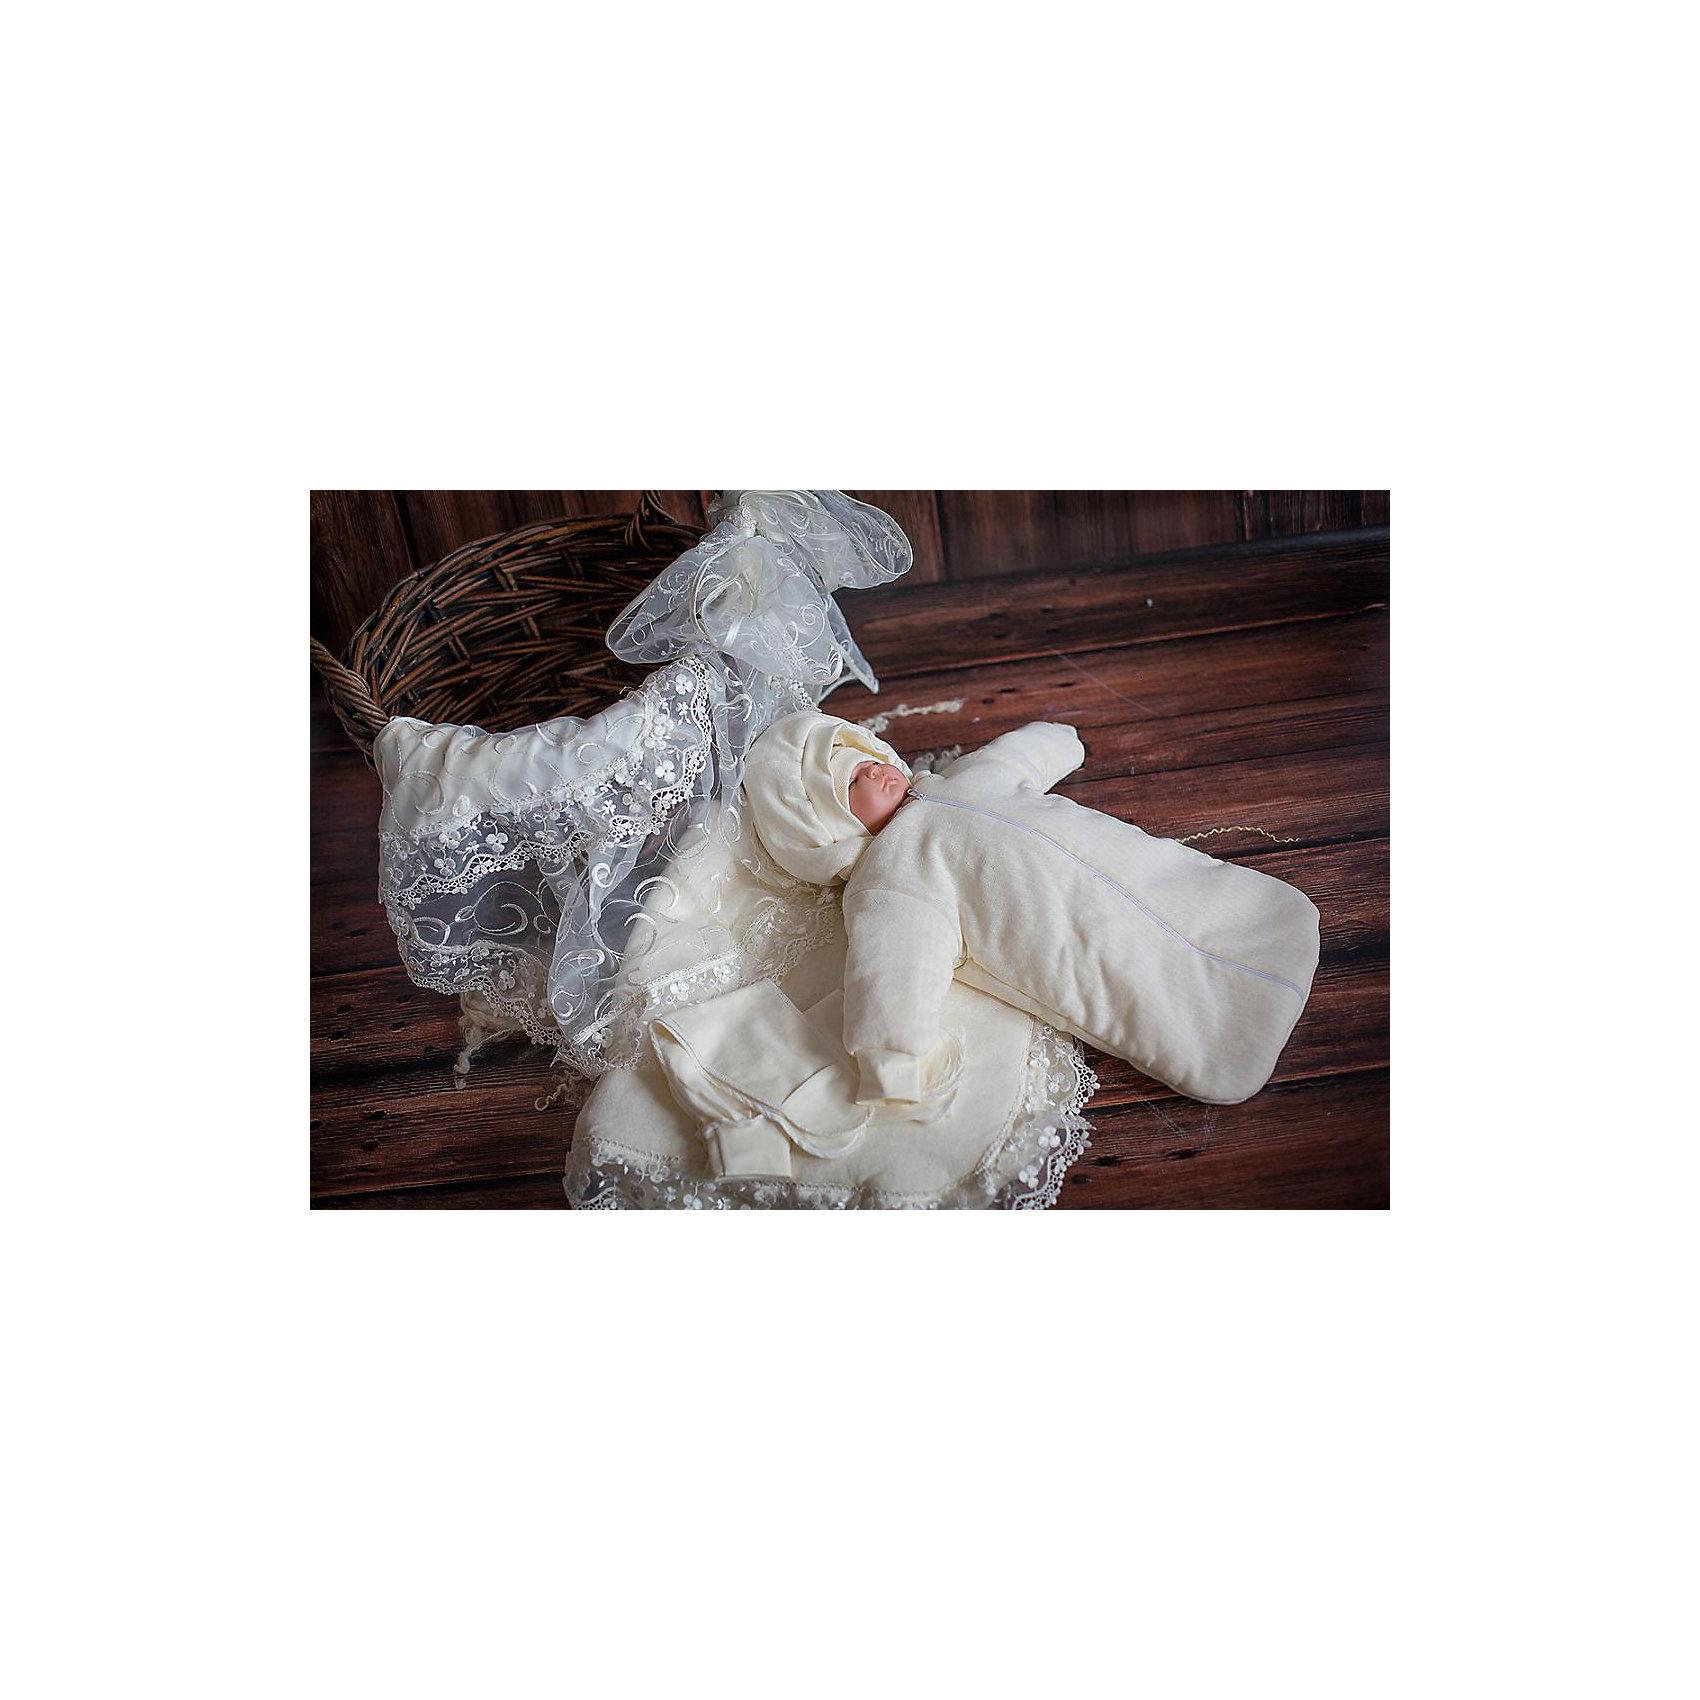 Комплект на выписку нарядный, летнийНаборы одежды, конверты на выписку<br>Летний комплект на выписку из молочного трикотажа, украшенный вышитой органзой.<br>-одеяло трикотажное синтепоновое 100*90 <br>-шапочка трикотажная 56-36<br>-уголок нарядный 75*75 <br>-конверт 56-36<br>-ползунок ЕВРО  56-36<br>-распашонка  56-36<br>-лента 3 м.<br><br>Ширина мм: 750<br>Глубина мм: 400<br>Высота мм: 50<br>Вес г: 800<br>Возраст от месяцев: 0<br>Возраст до месяцев: 6<br>Пол: Унисекс<br>Возраст: Детский<br>SKU: 5465317